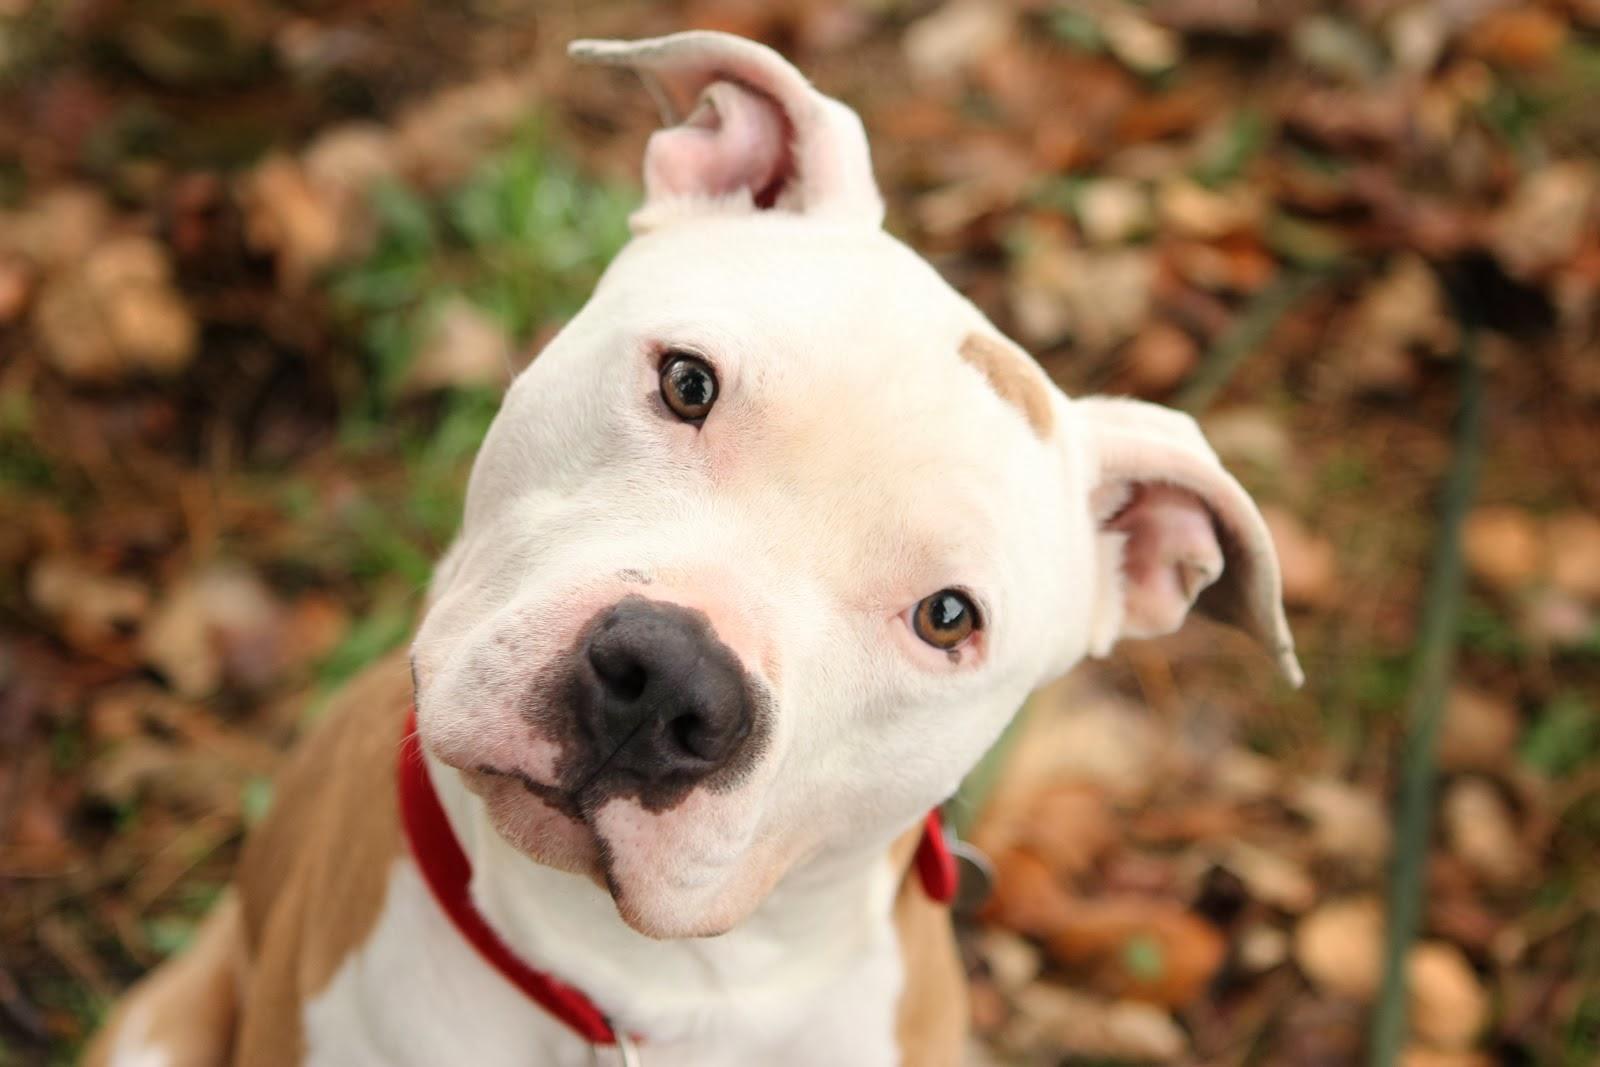 pitbull.jpg - Pitbull é uma das raças MENOS agressivas, diz estudo